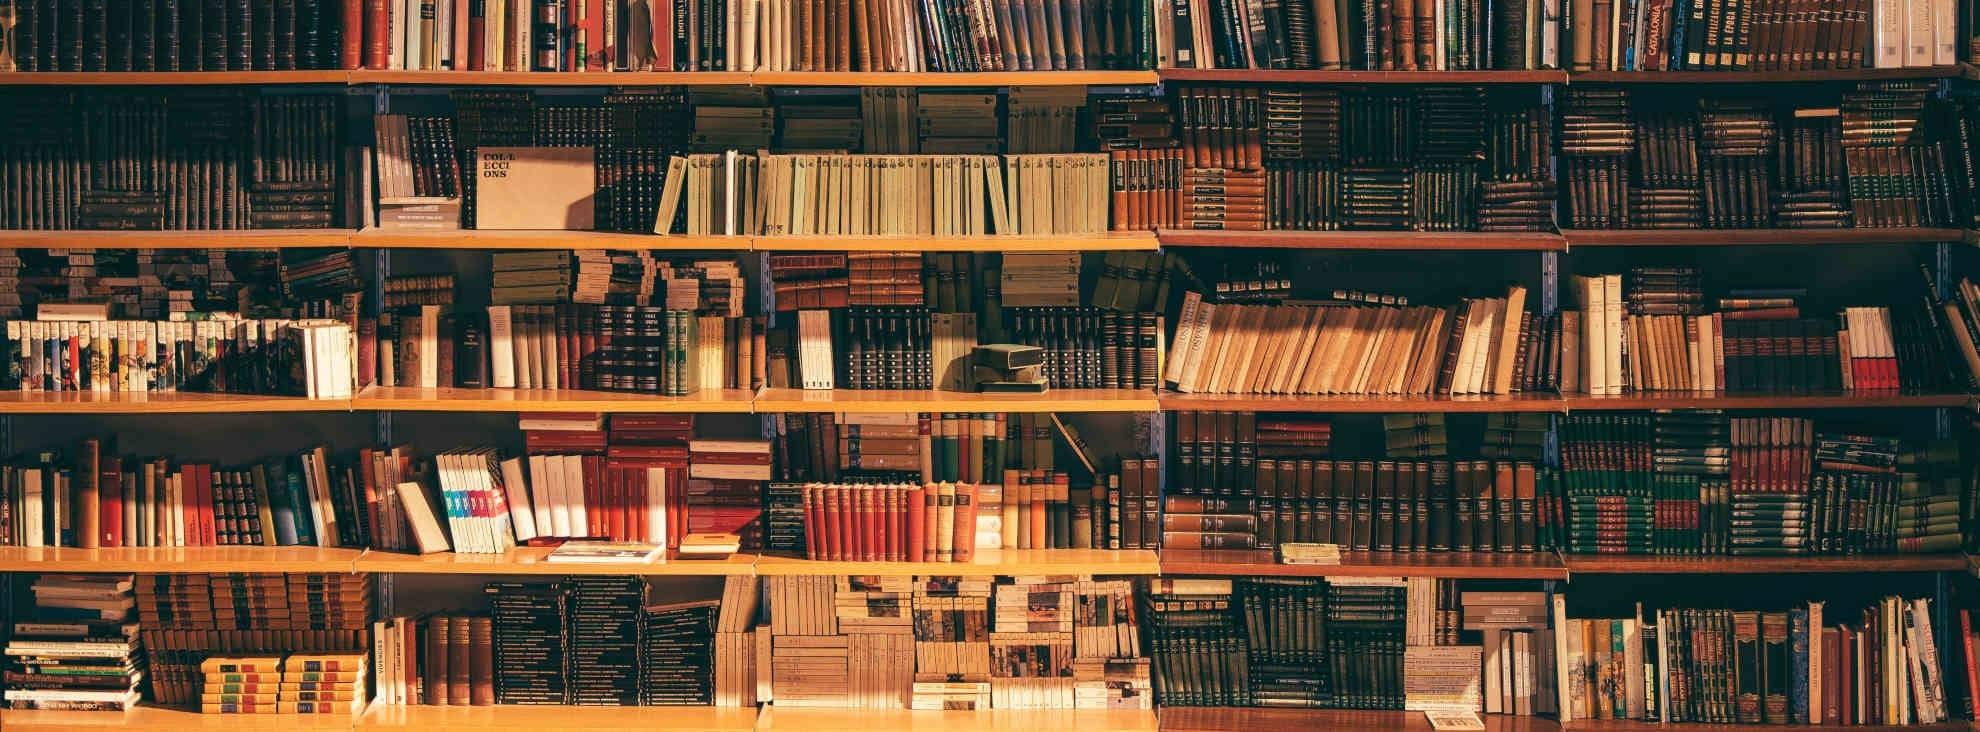 Wie schreibe ich ein Buch? Die 10 wichtigsten Tipps